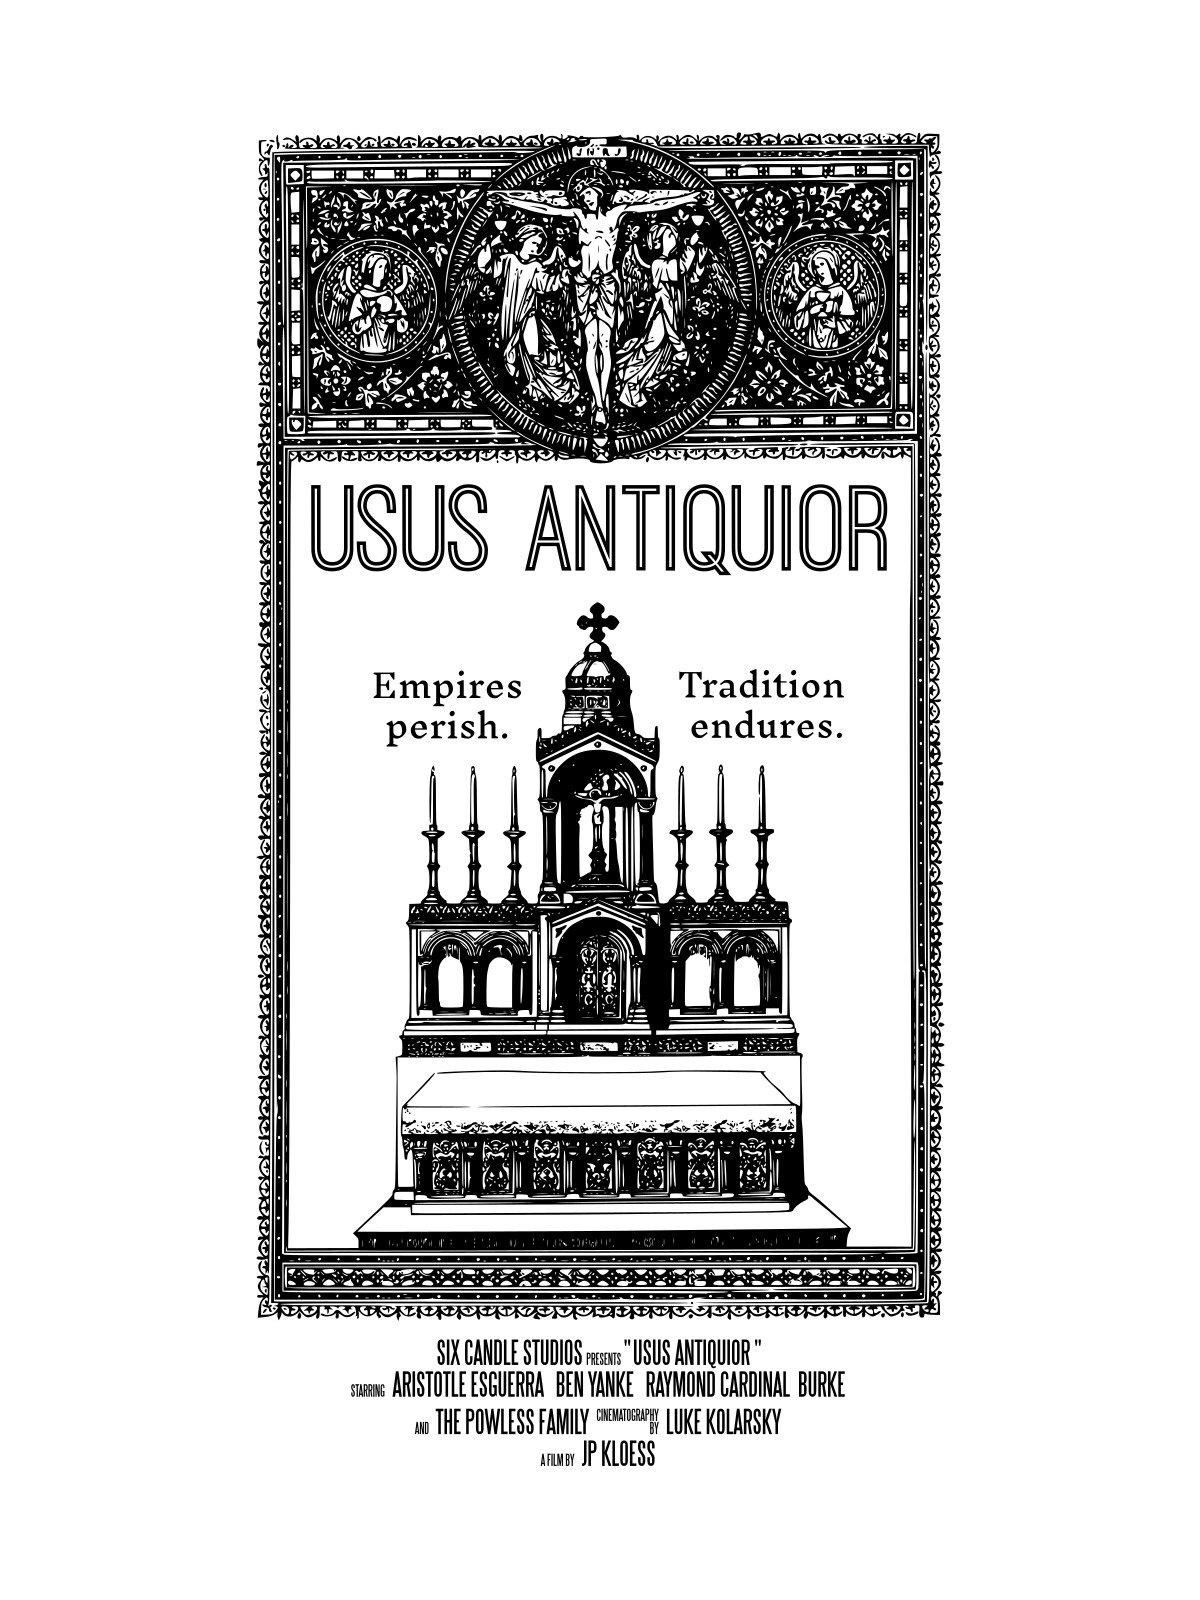 Usus Antiquior